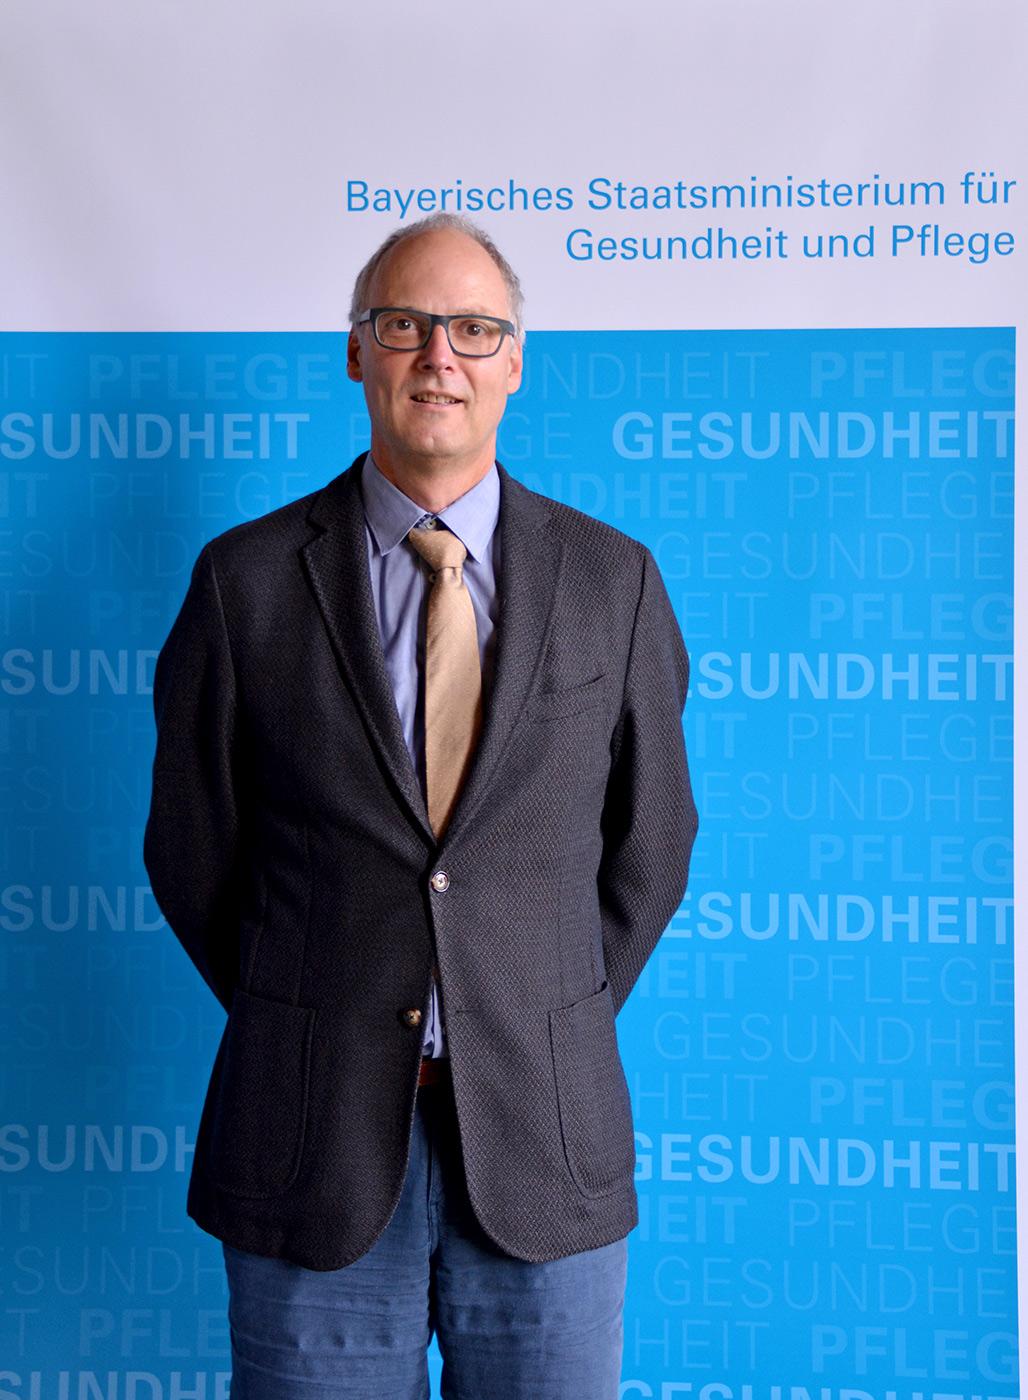 Prof. Arne Manzeschke, Mitglied der Bayerischen Ethikkommission für Präimplantationsdiagnostik